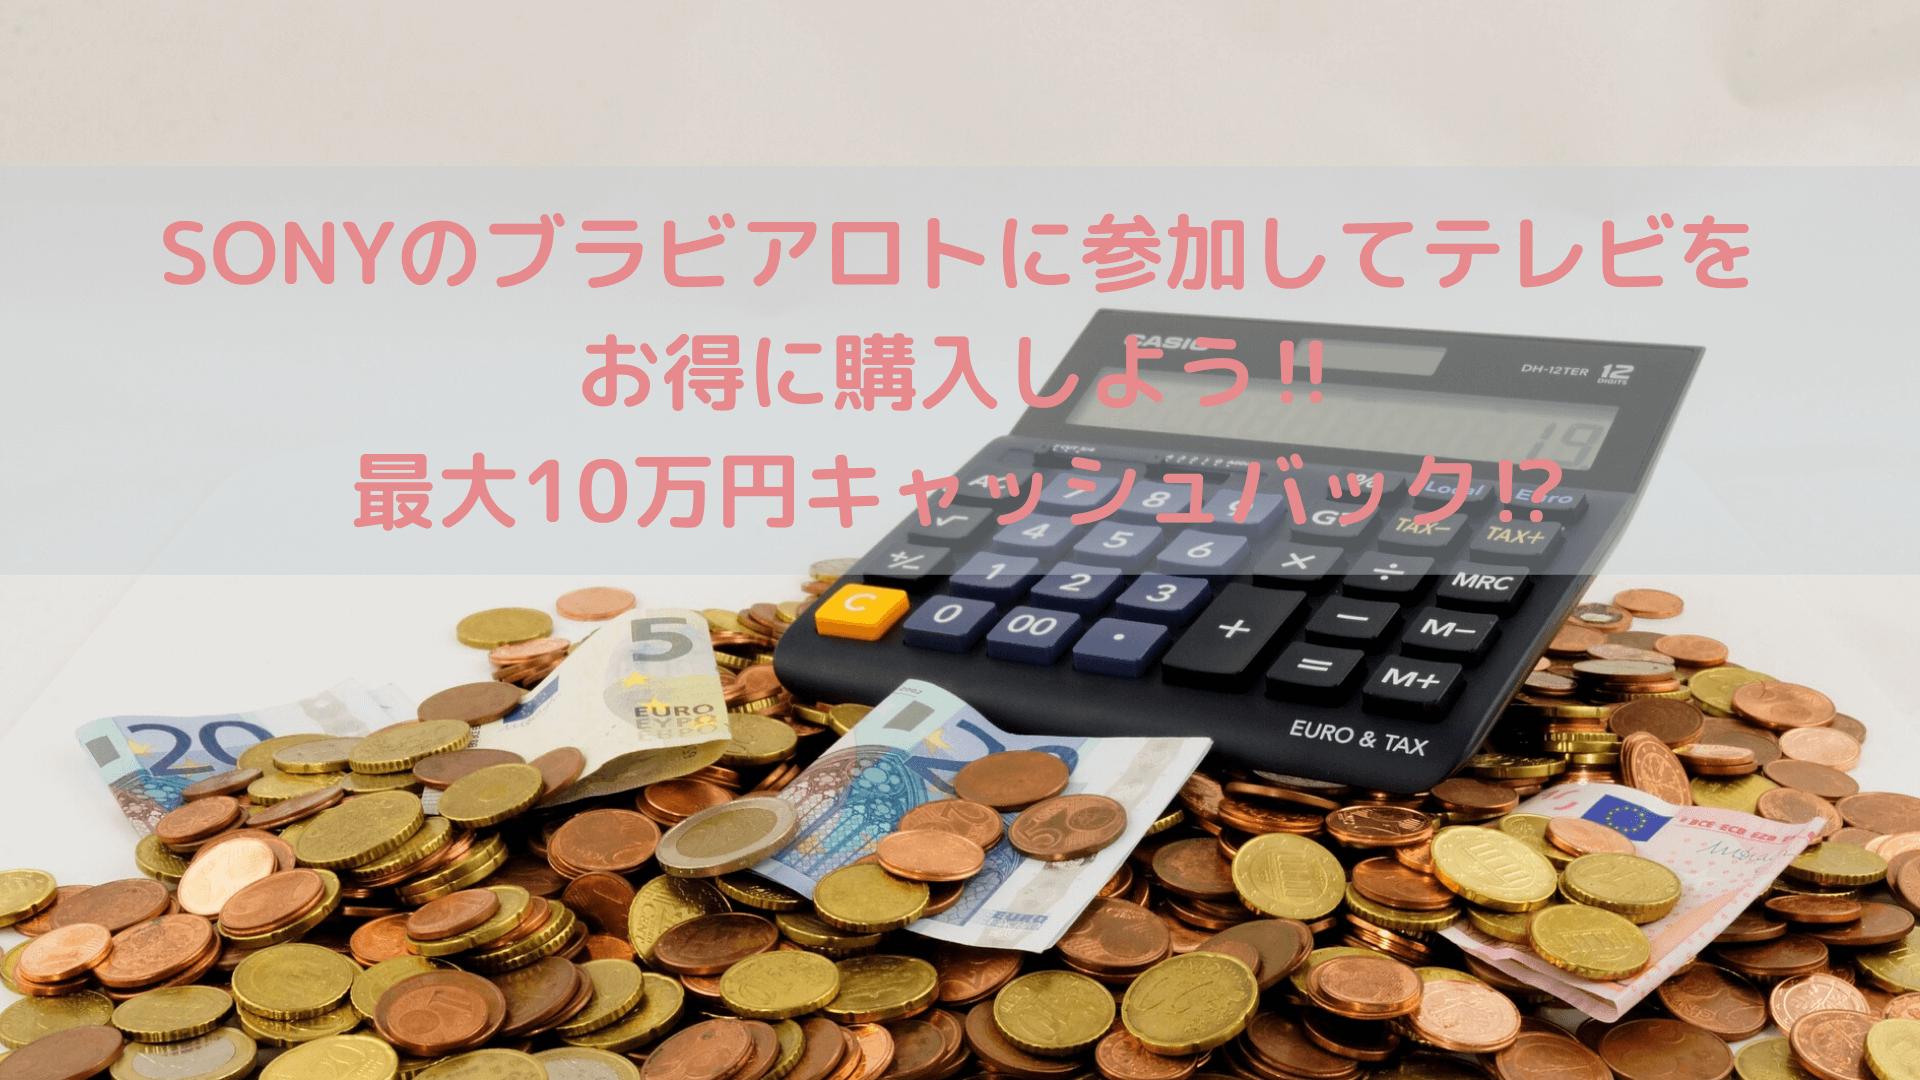 SONYのブラビアロトに参加してテレビをお得に購入しよう‼︎最大10万円キャッシュバック⁉︎